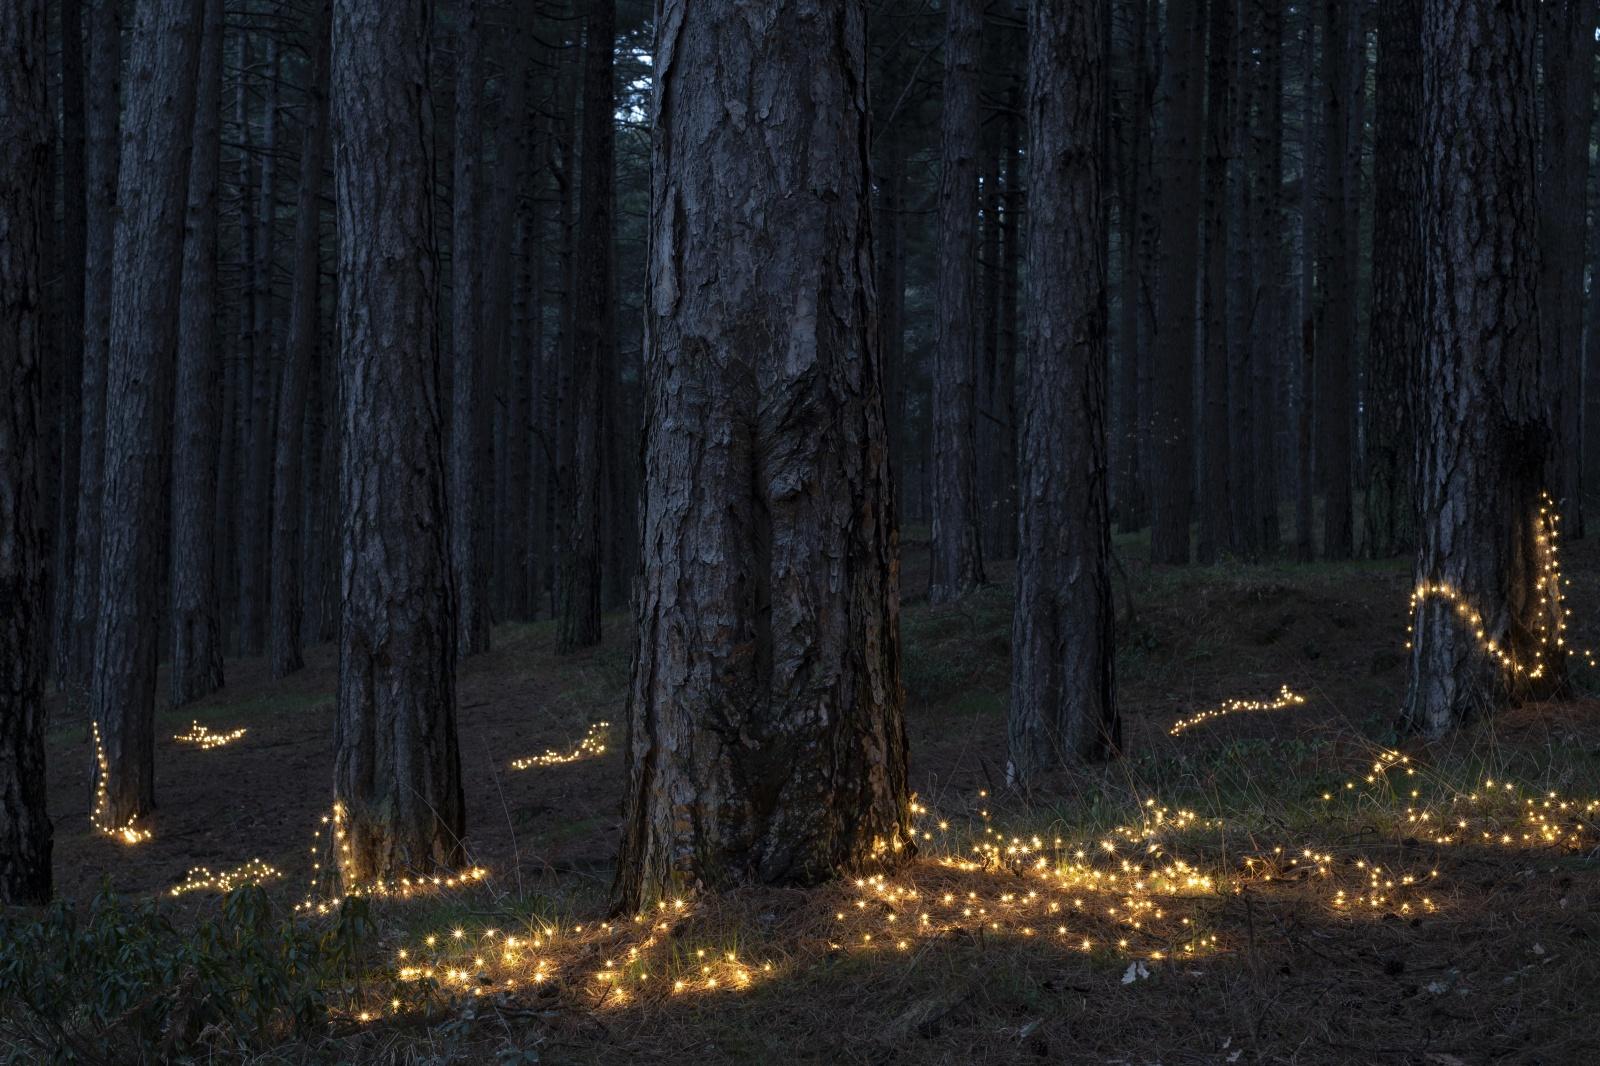 Fireflies, 2020